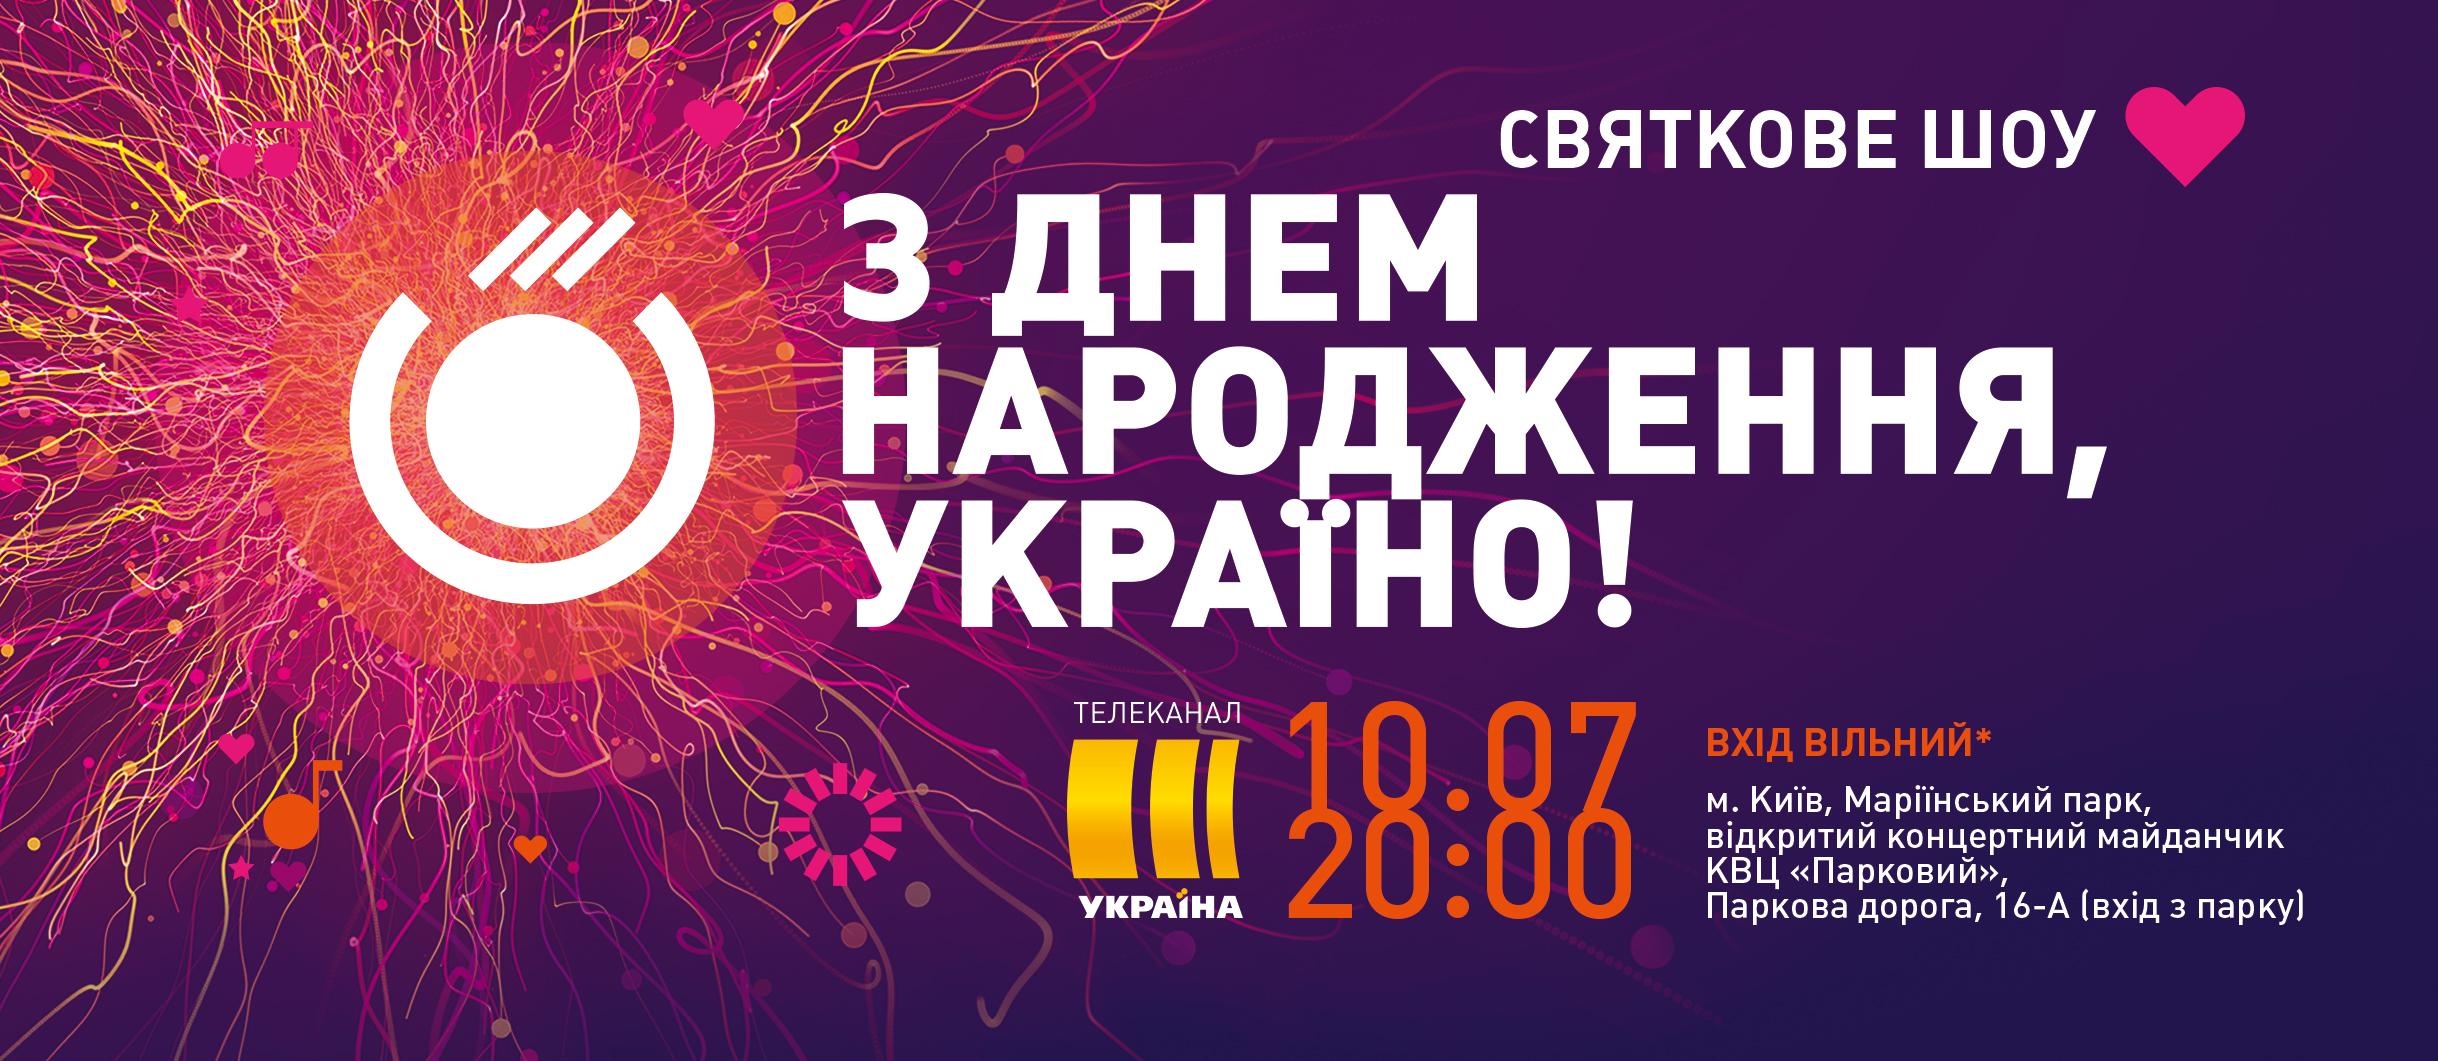 Тина Кароль и Олег Винник выступят на бесплатном концерте в Киеве